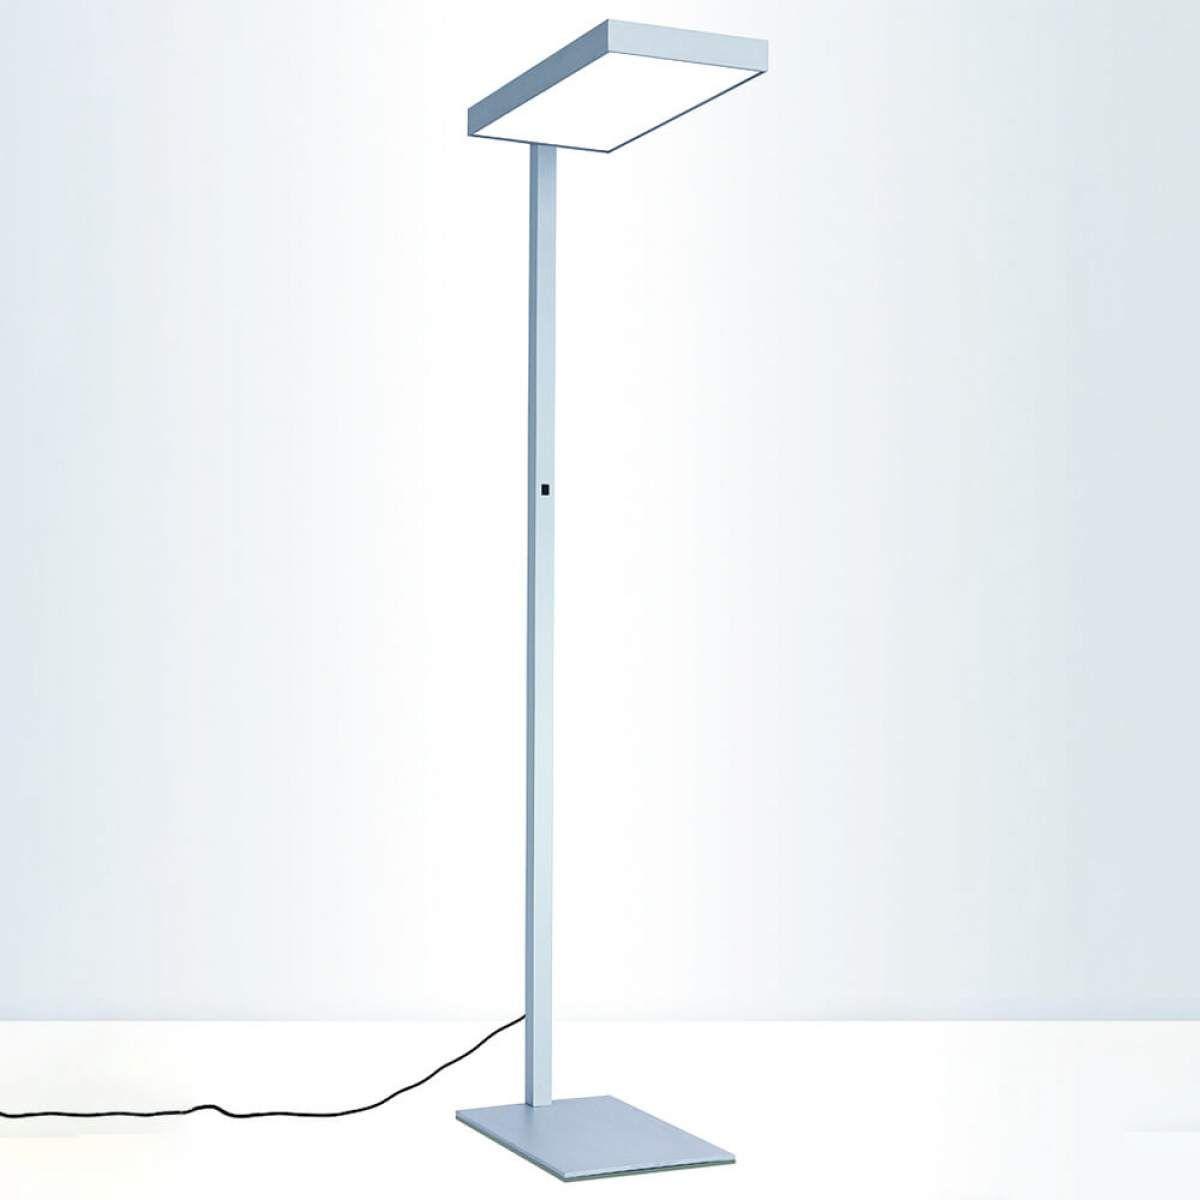 Stehleuchte Cubic S2 Alu Zweistufig Schaltbar Stehlampe Dimmbar Lampen Und Gartenstrahler Led